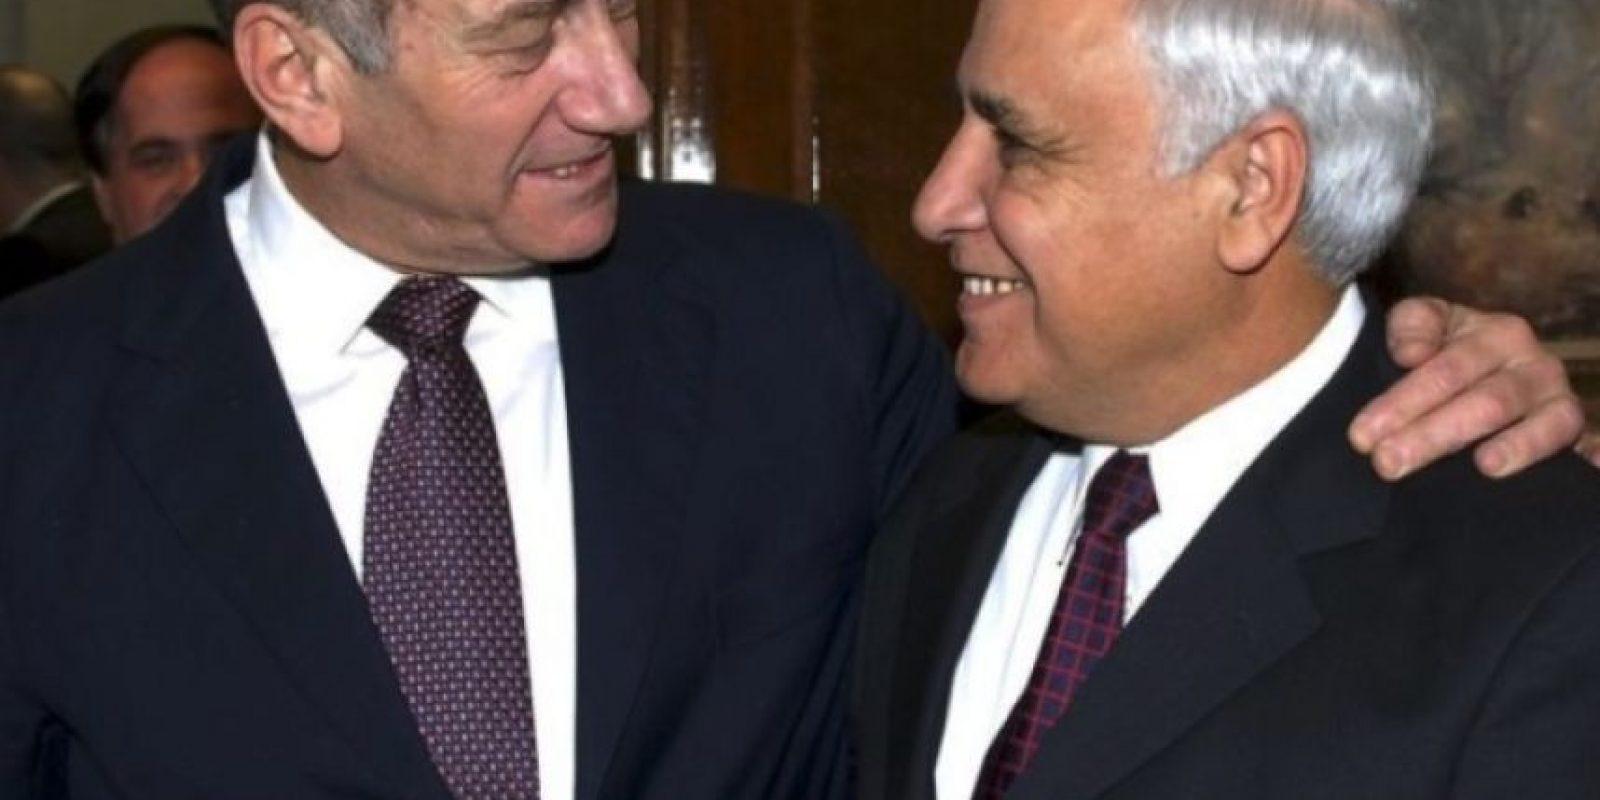 Fue primer ministro de Israel entre el año 2000 y 2007, año en que renunció tras una serie de denuncias de acoso sexual y una violación. Foto: Getty Images